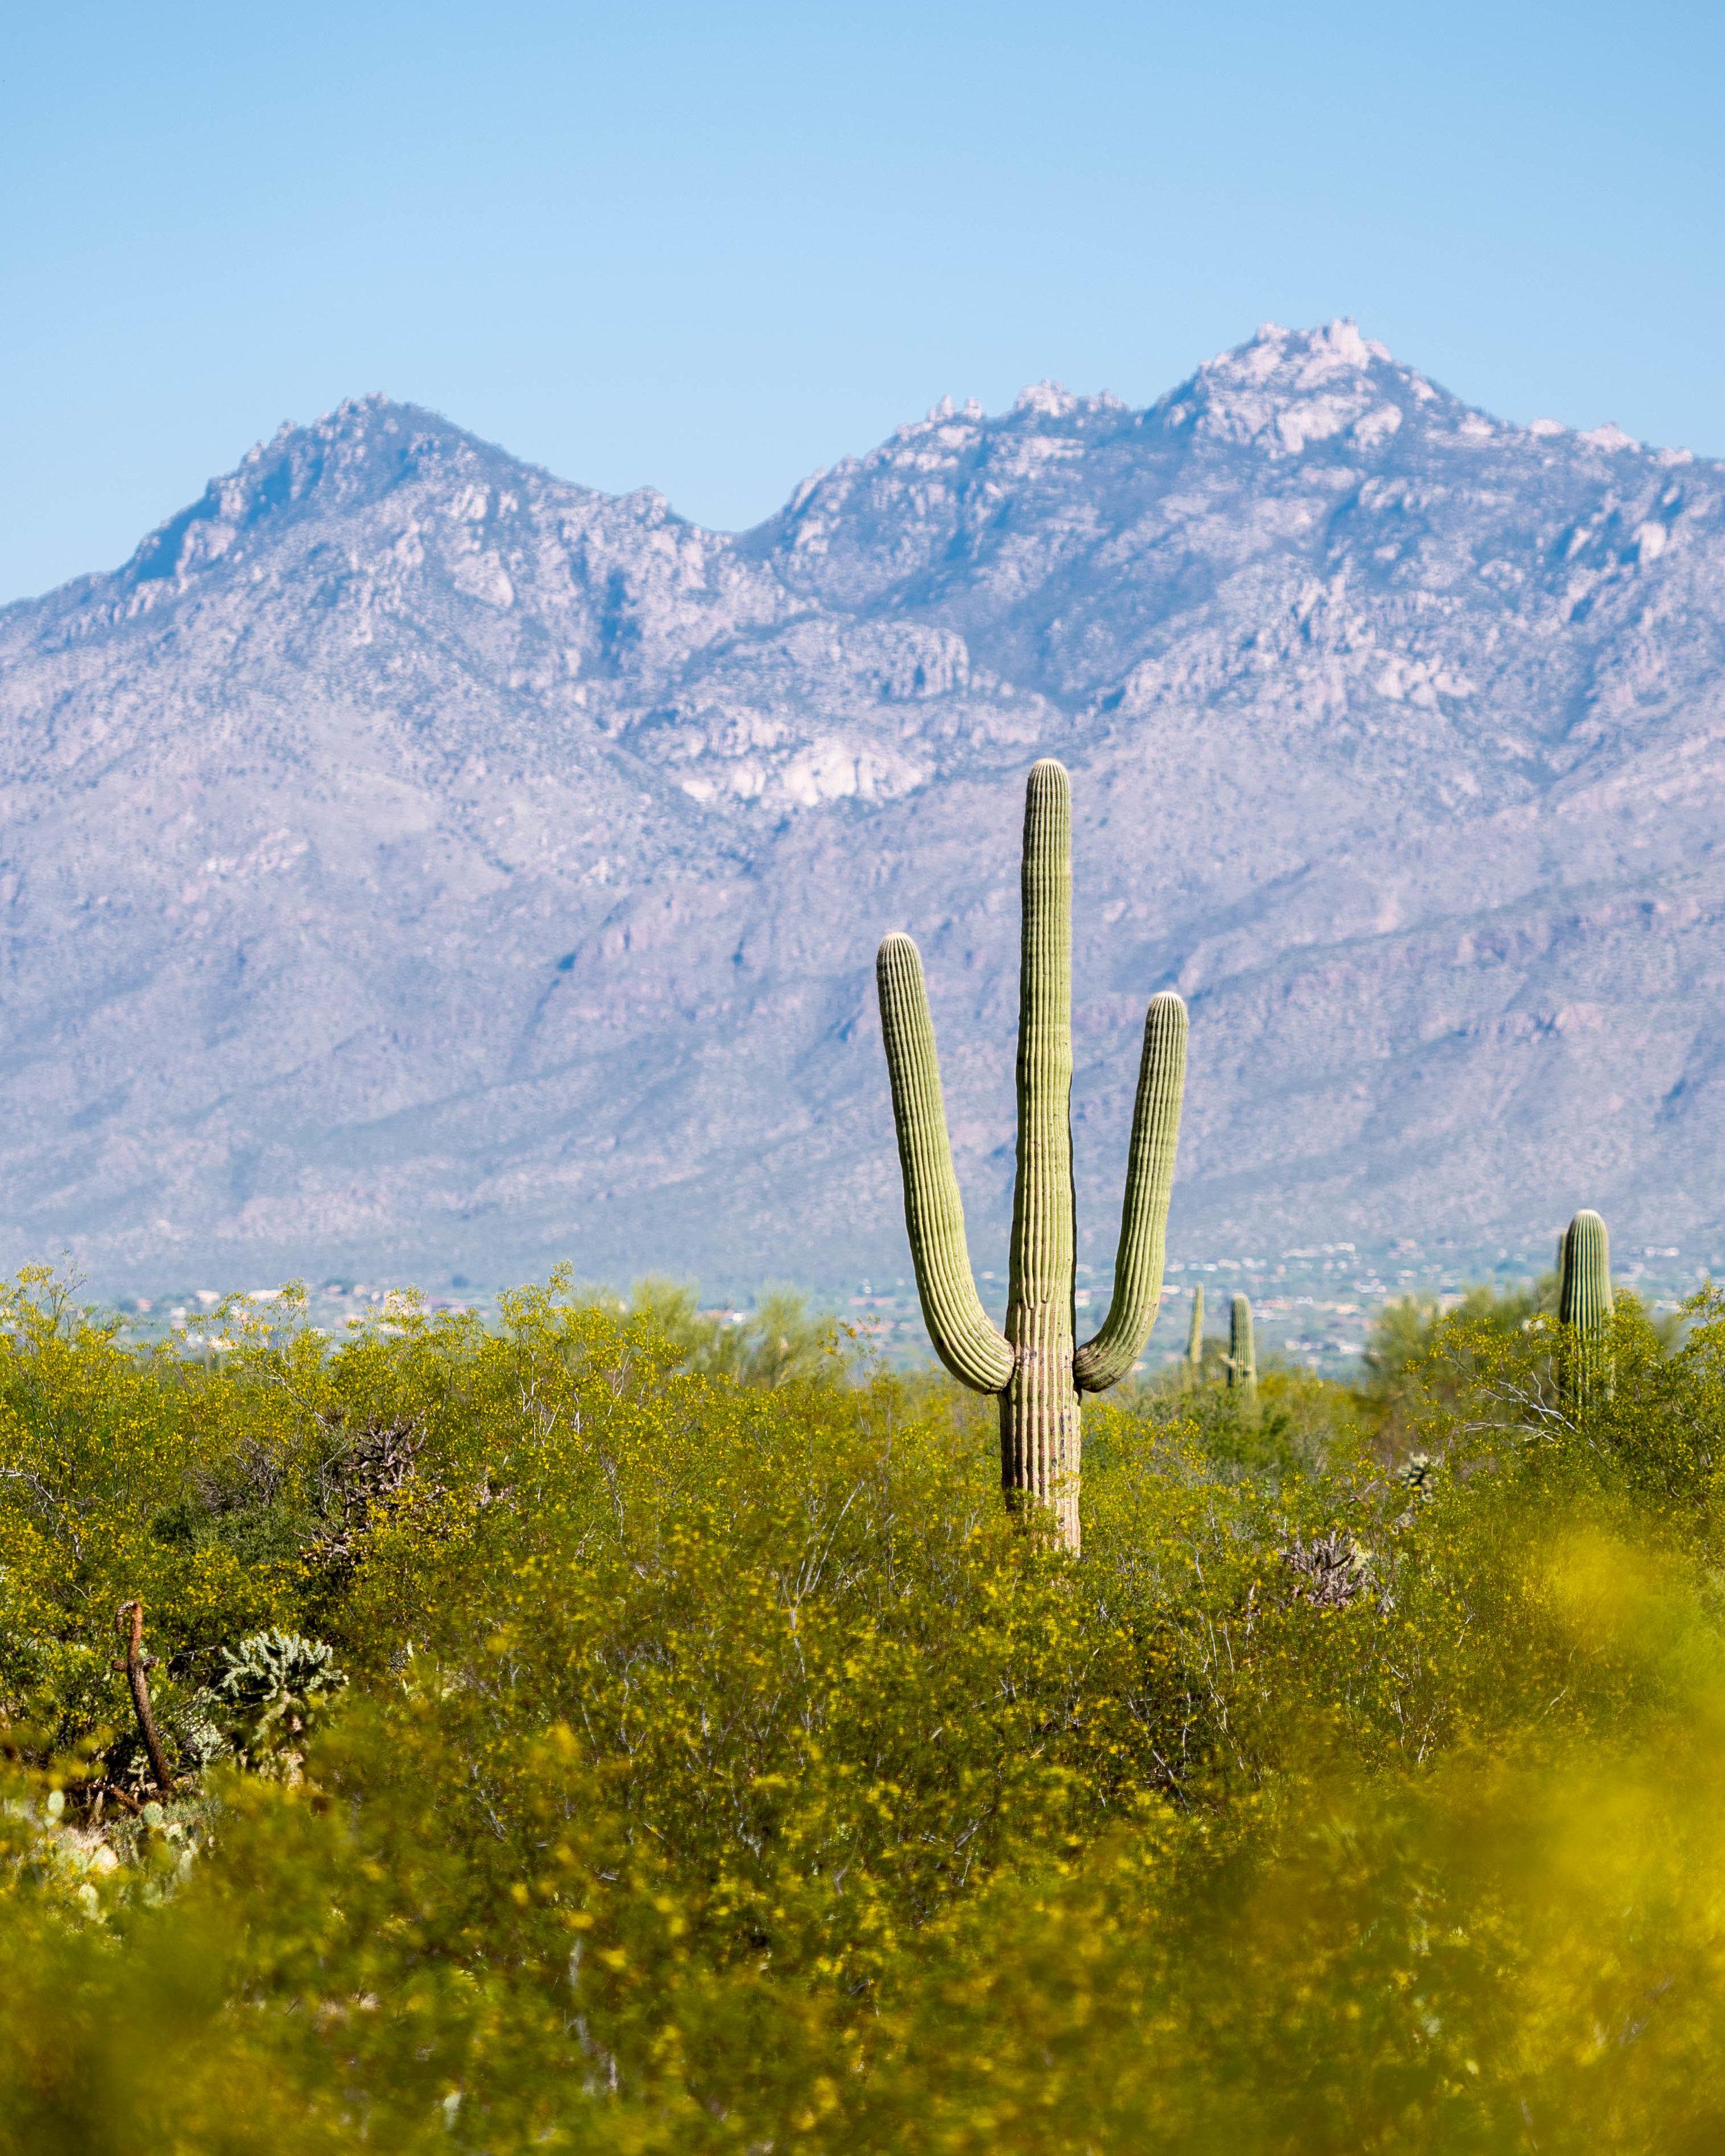 Saguaro - Arizona